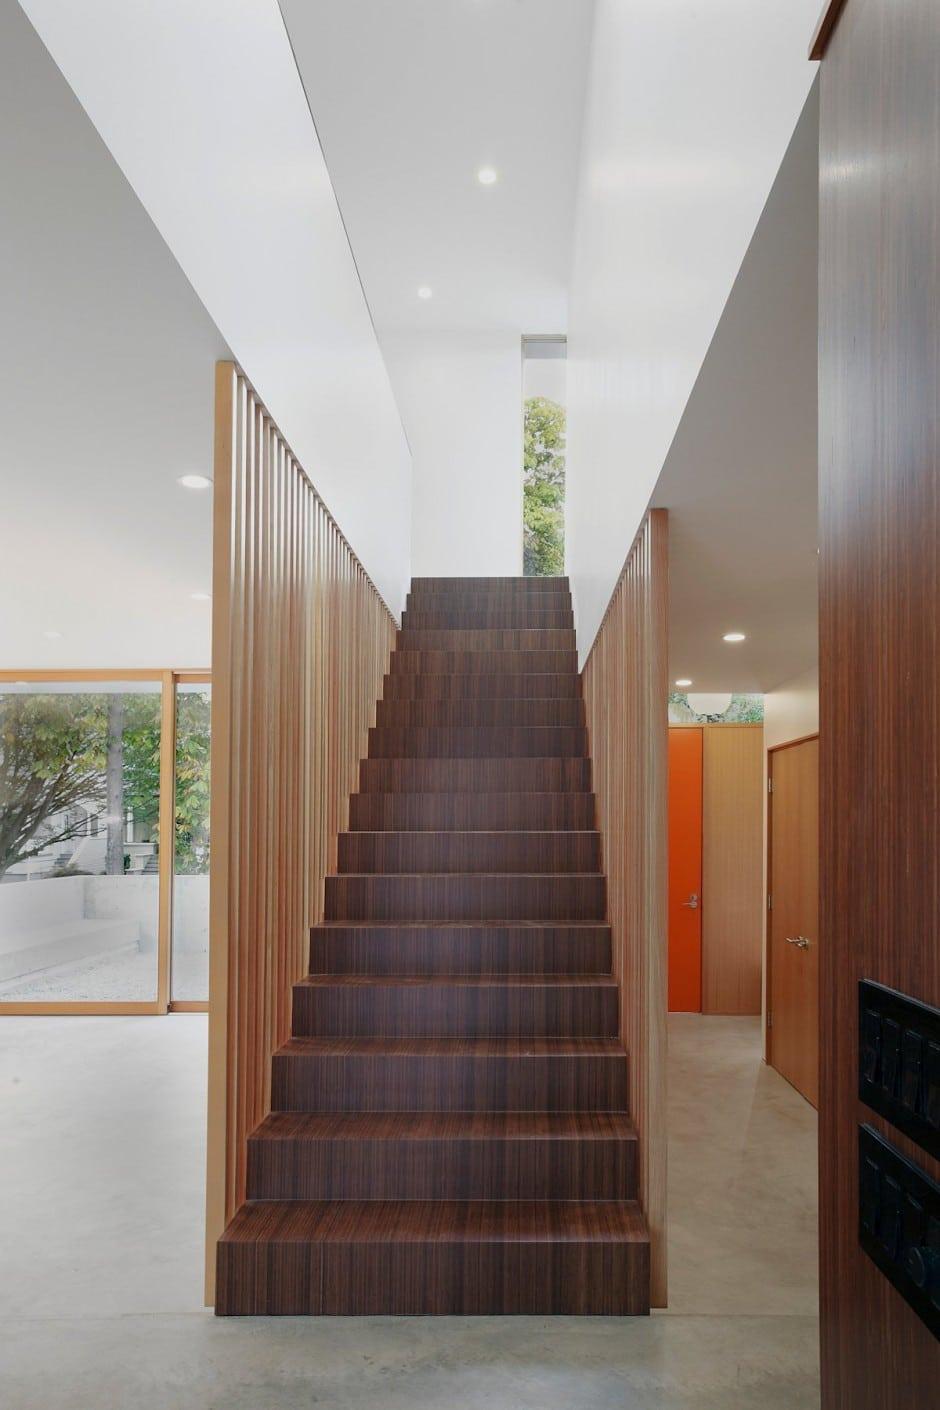 Diseno Baño Sencillo:El diseño de interiores es sencillo pero cálido gracias a los